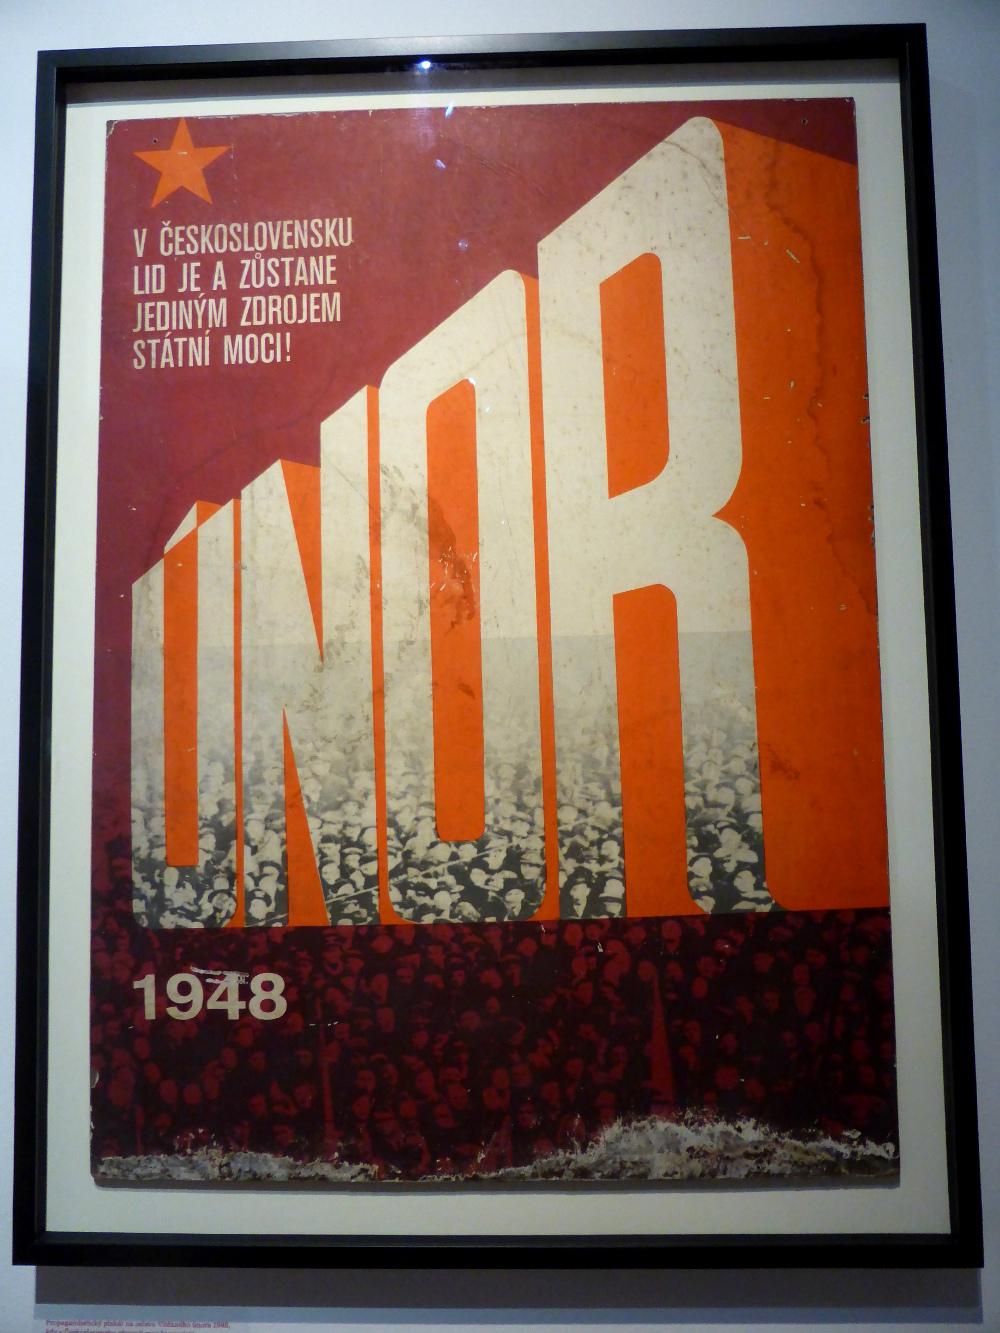 Music of Communism Prague Czech Republic